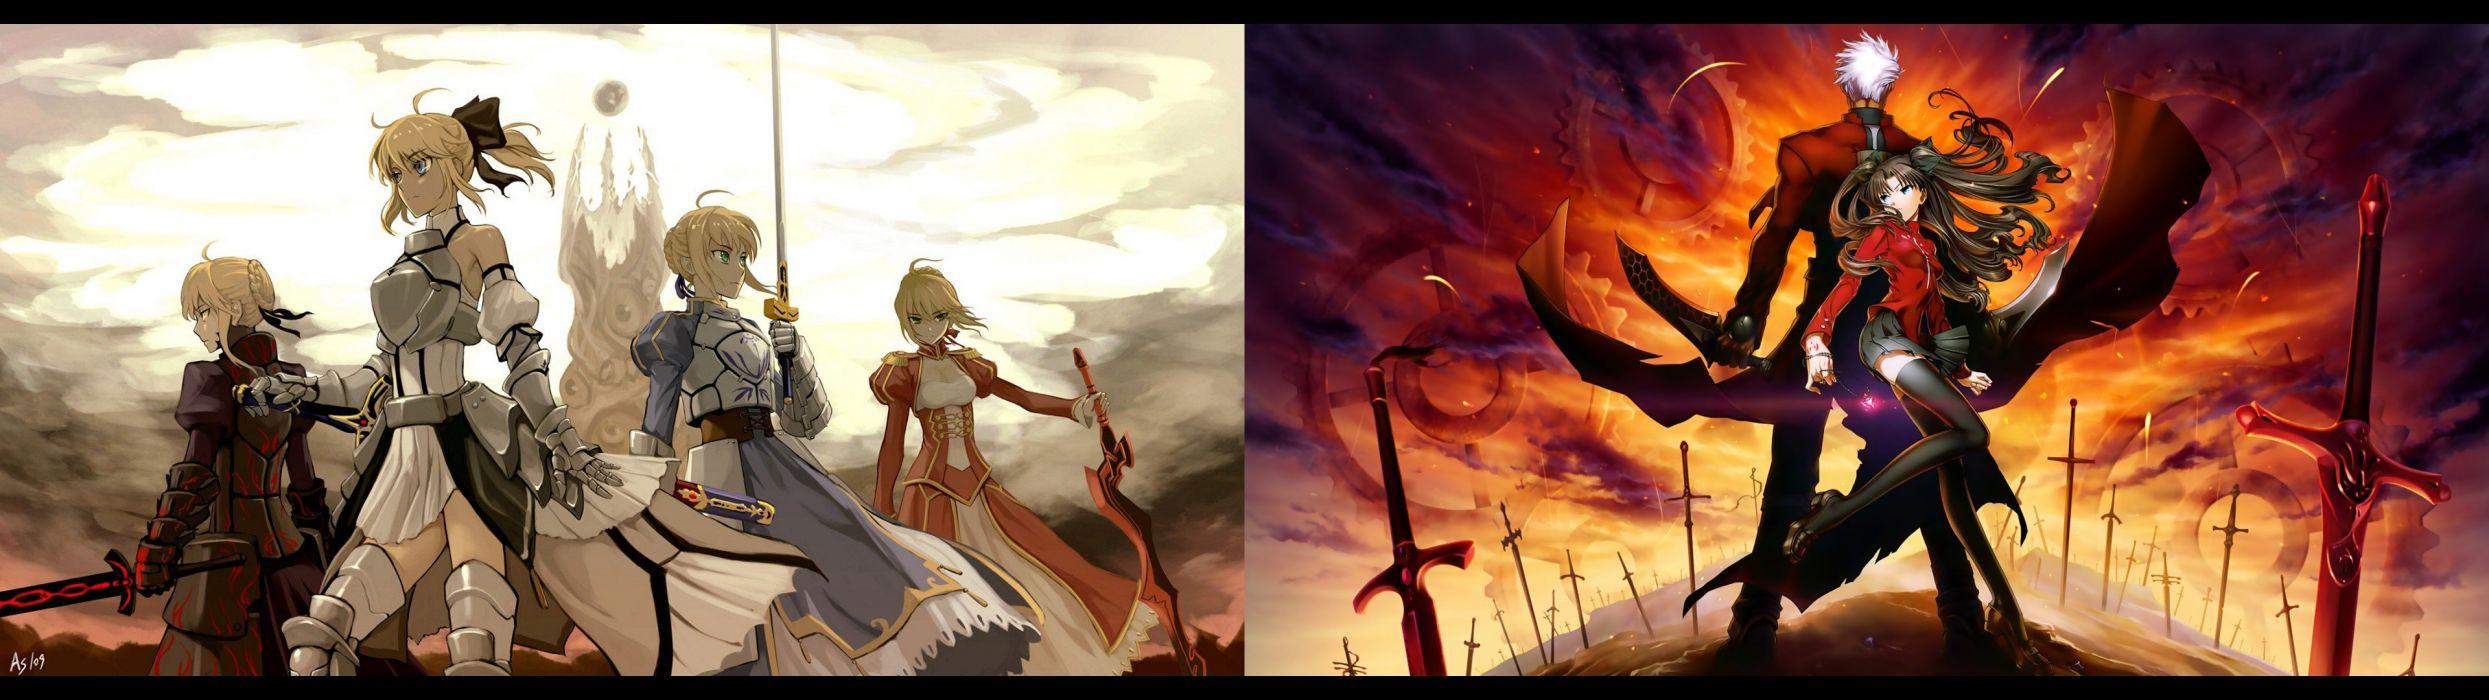 Fate Series 9 Wallpaper 3840x1080 Wallpaperup